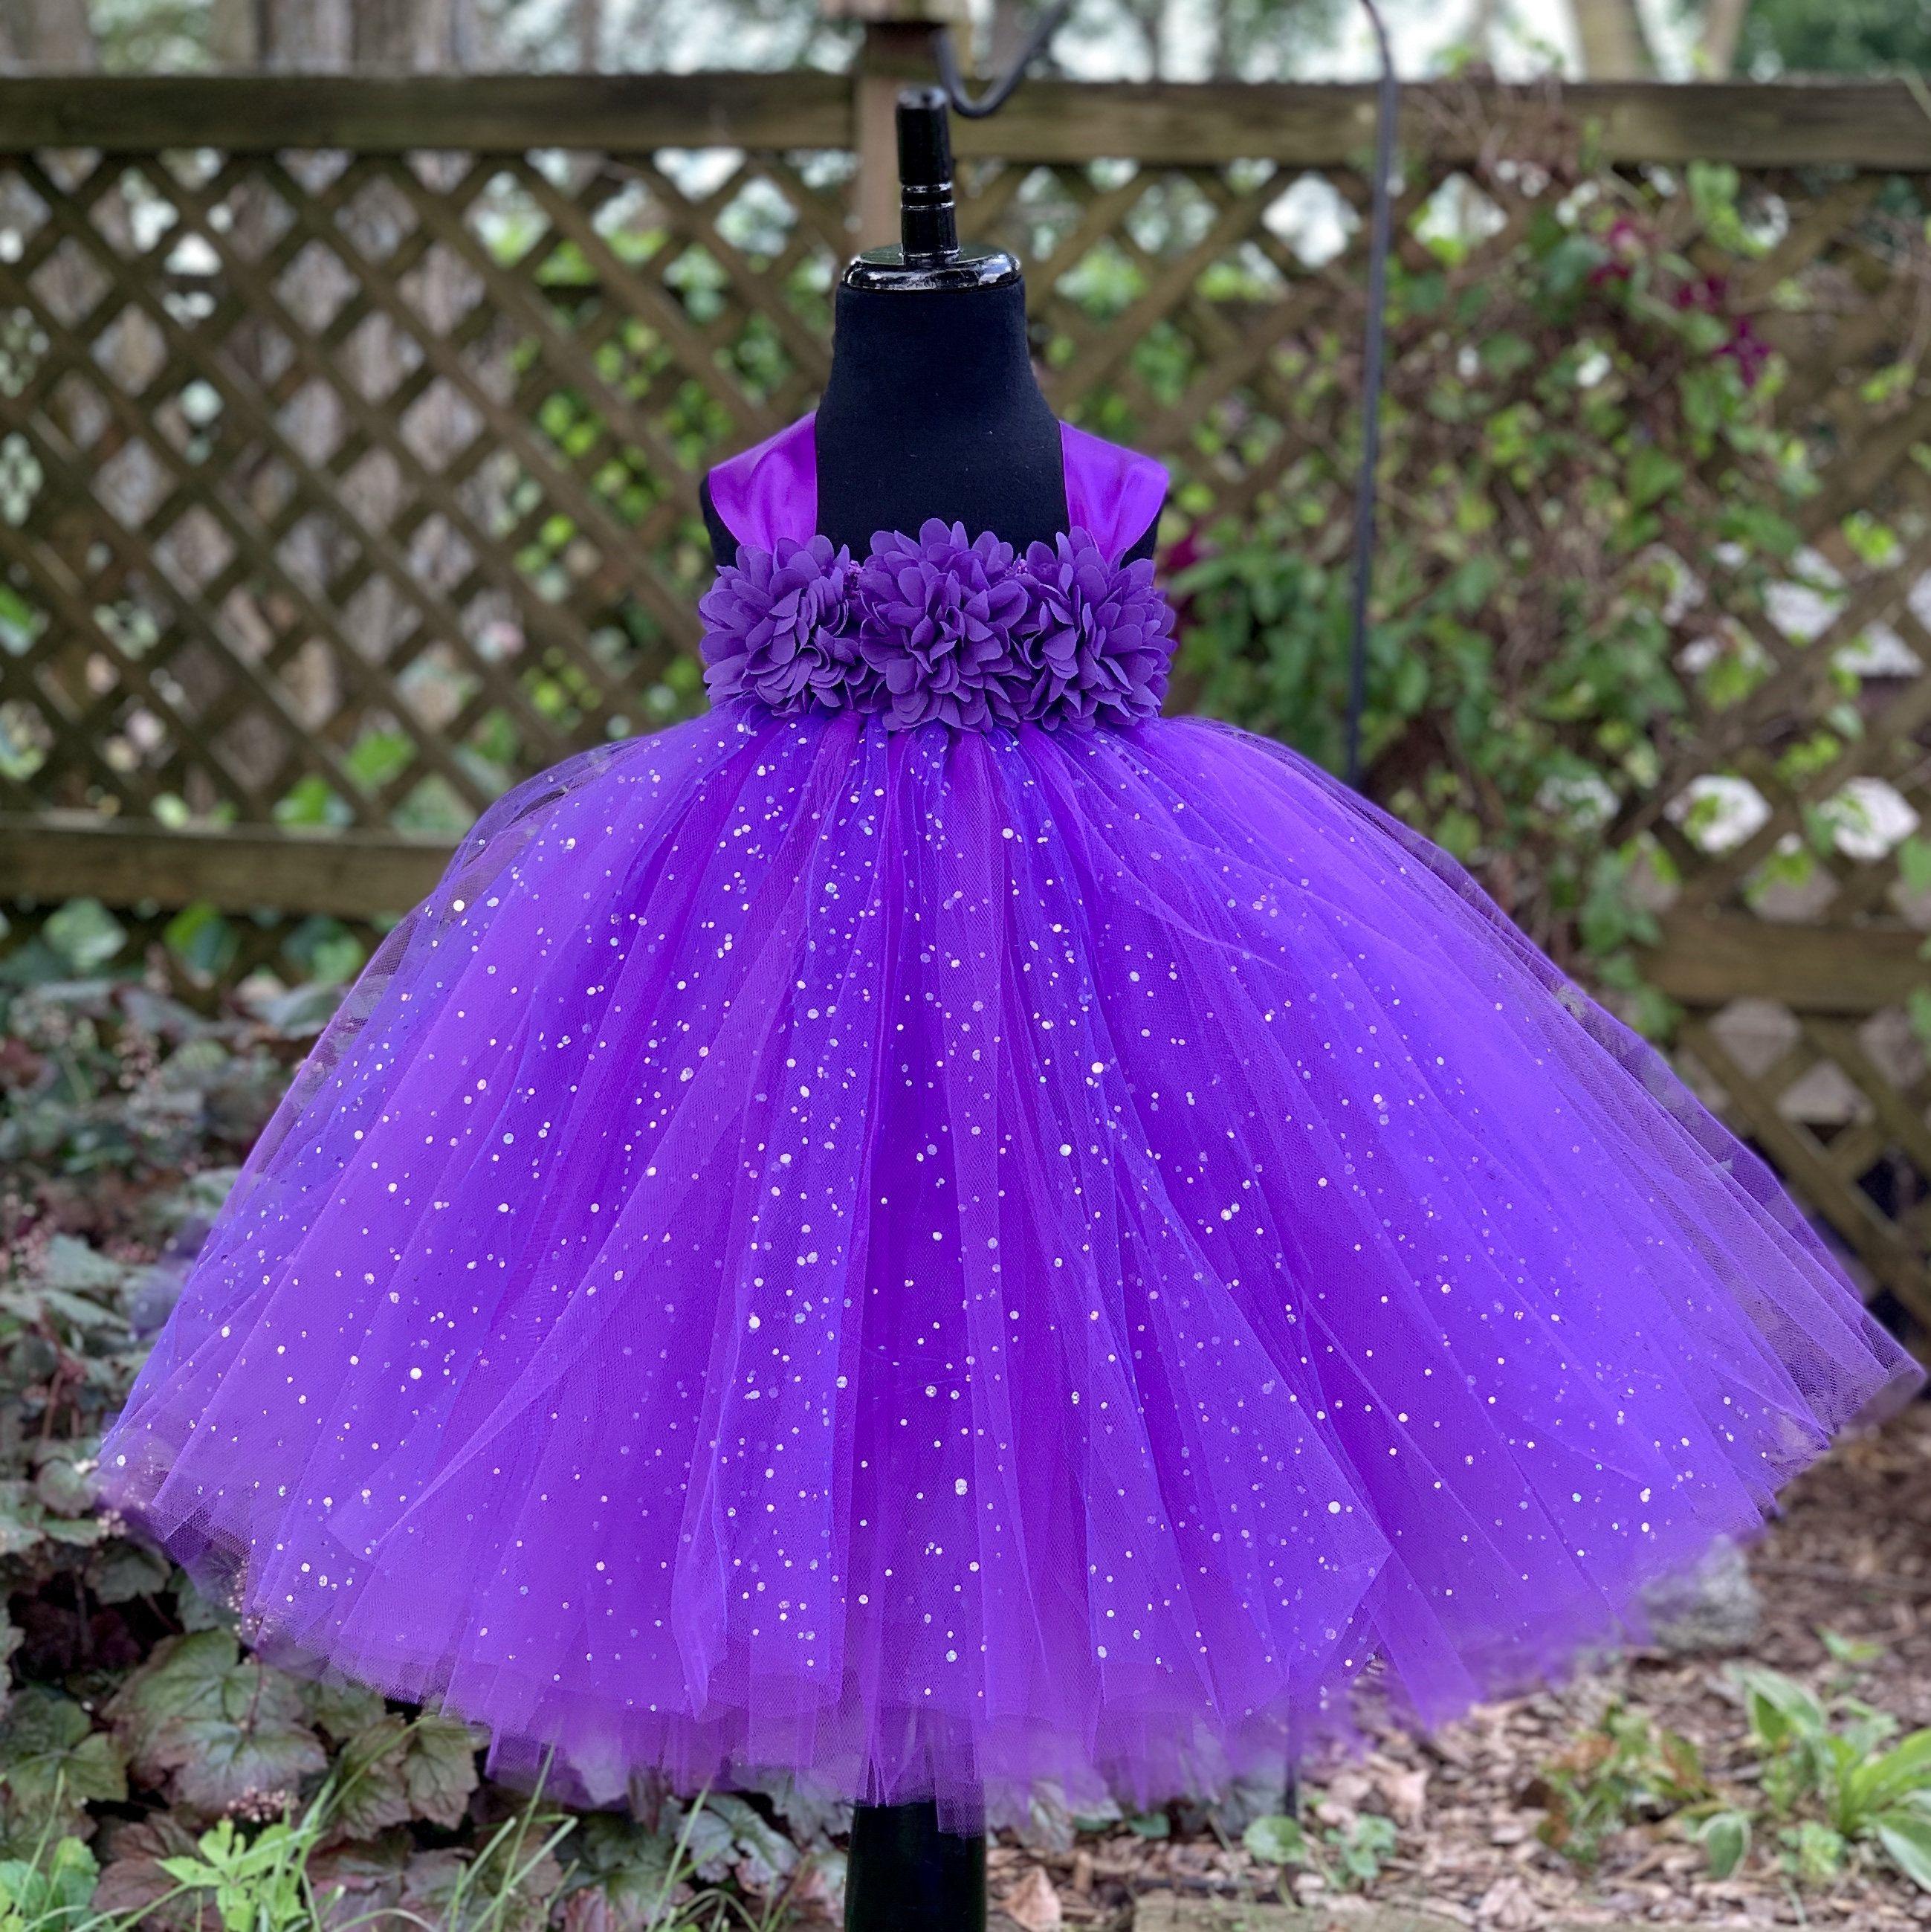 Purple Princess Tutu Dress For Girls Sparkle Dot Tulle Etsy Flower Girl Dresses Tulle Purple Flower Girl Dress Flower Girl Dresses Tutu [ 2599 x 2598 Pixel ]